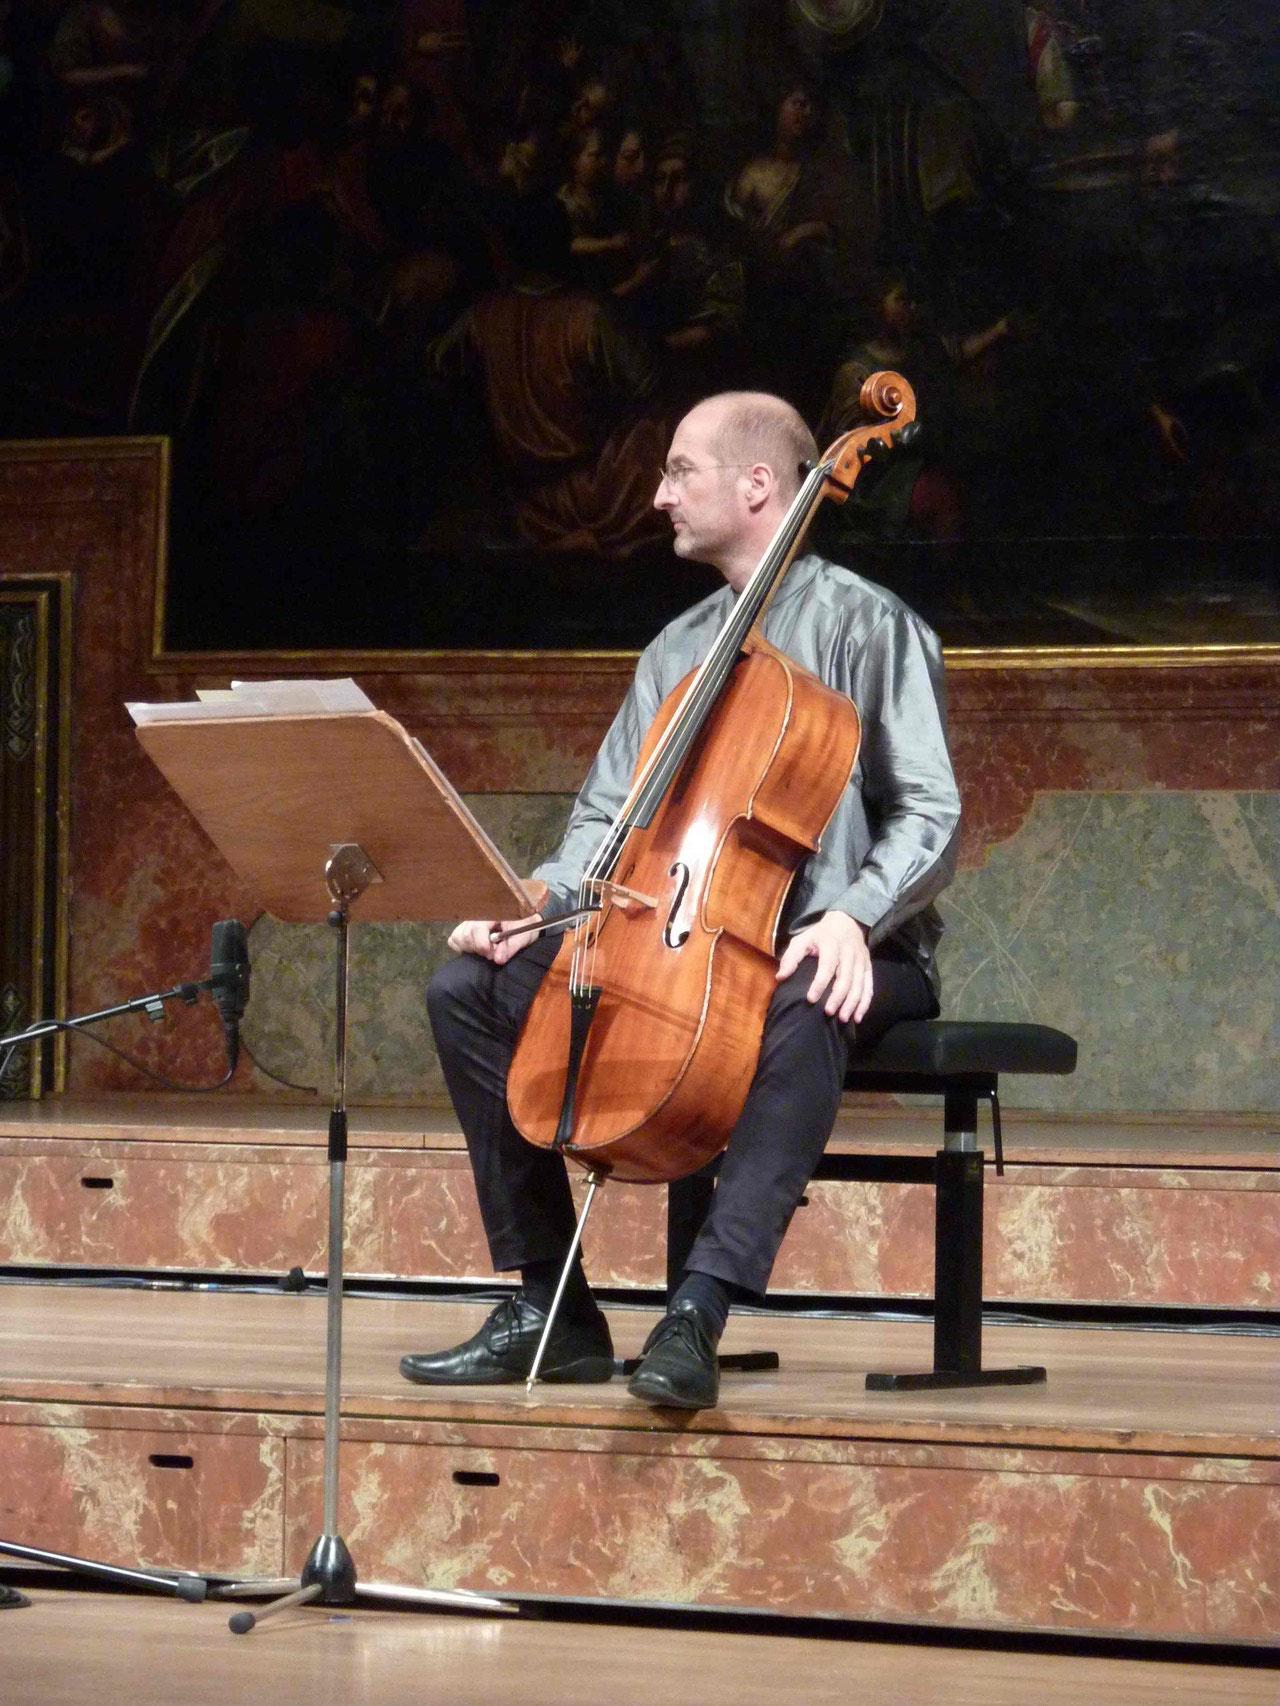 Peter Sigl